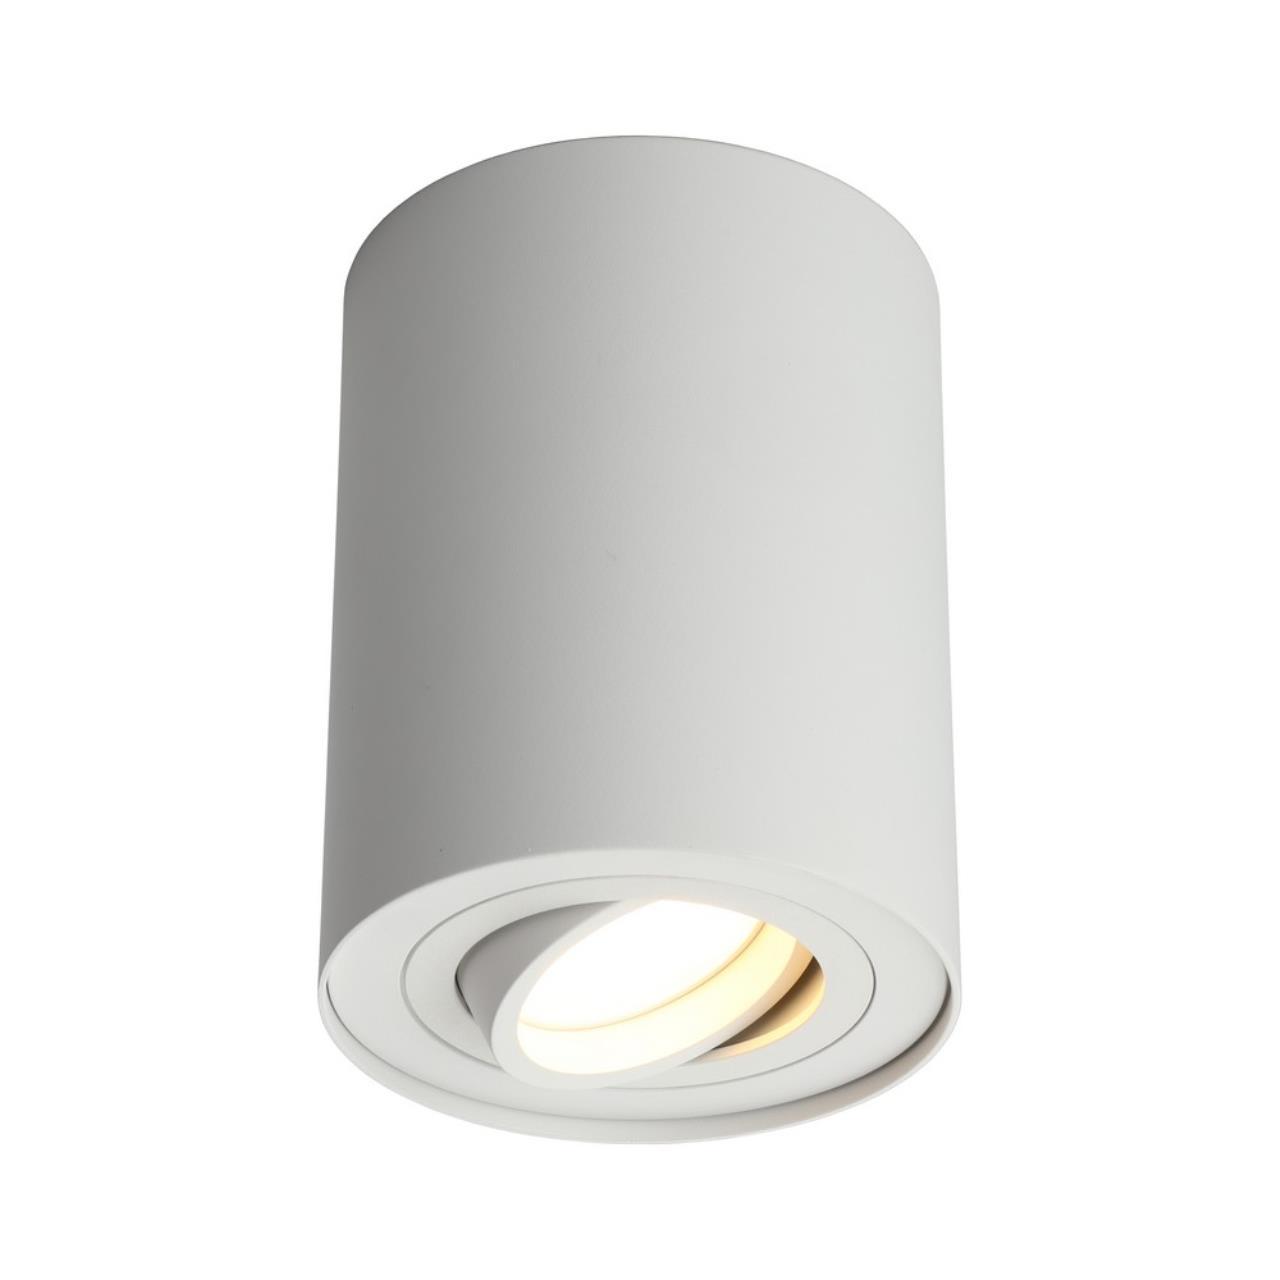 Встраиваемый-накладной светильник Omnilux OML-101009-01